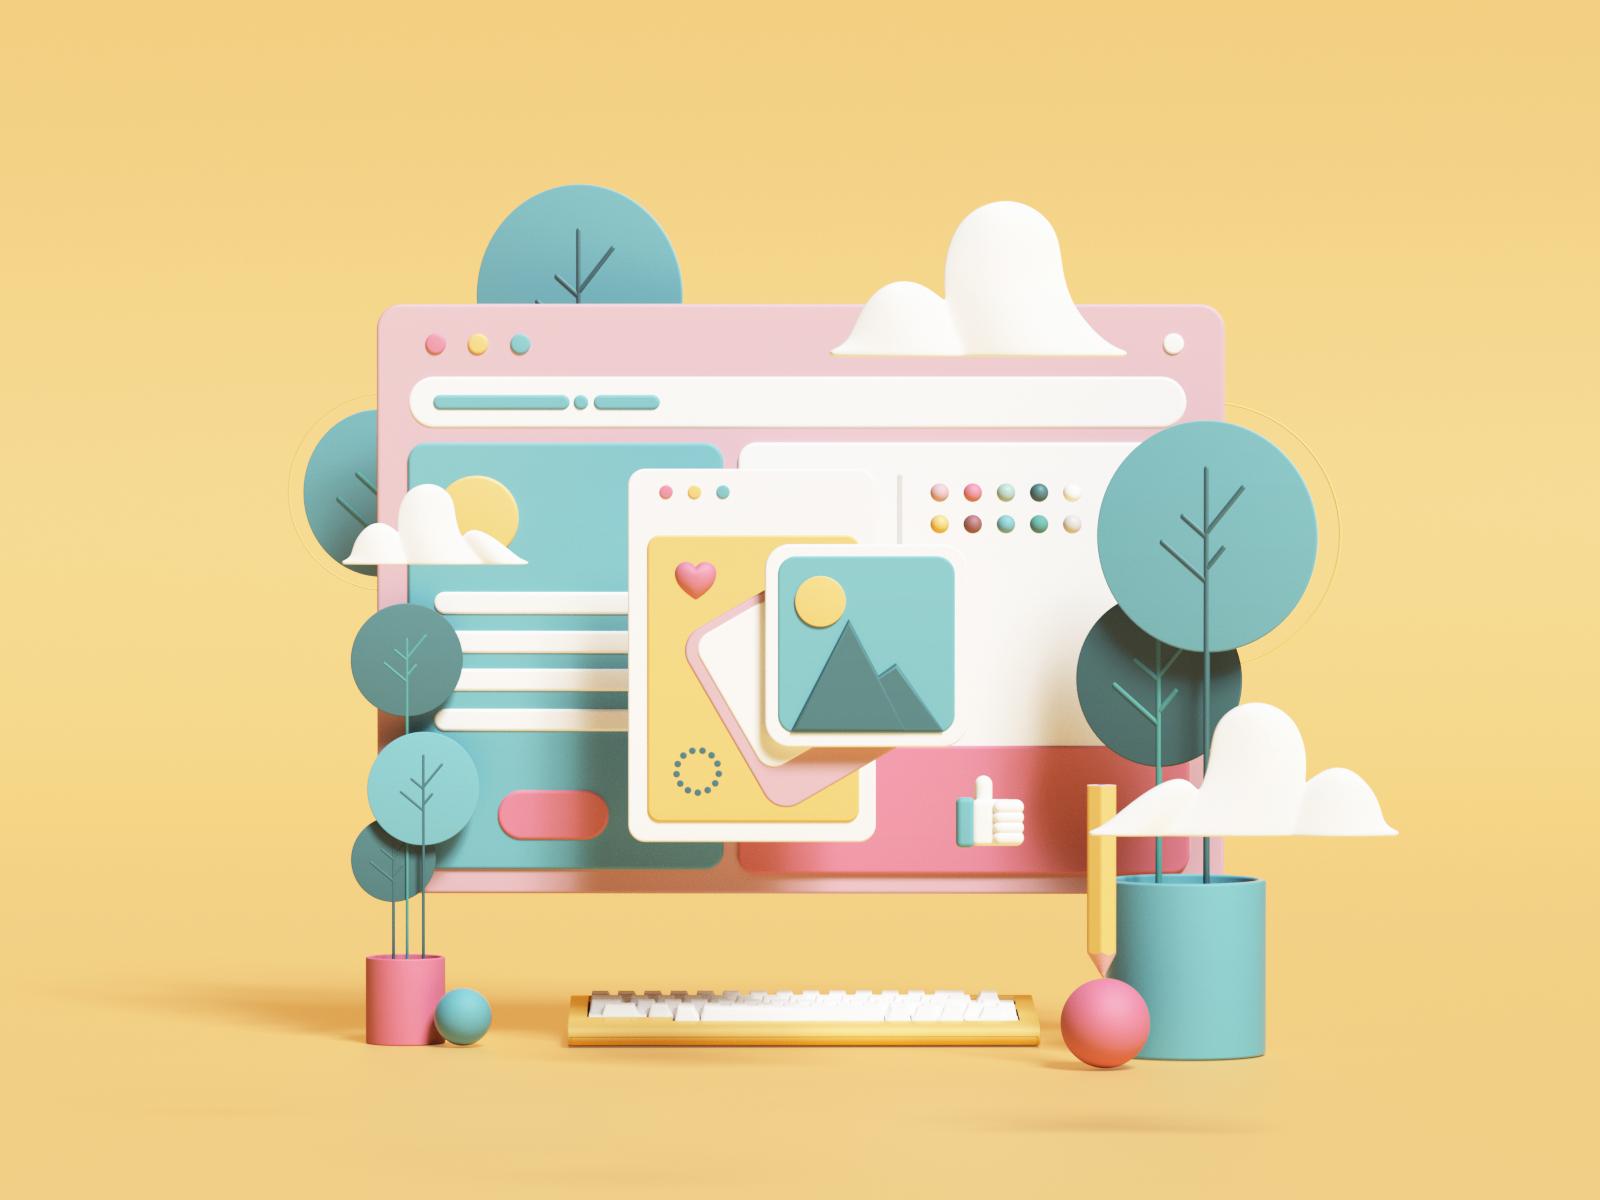 مزایای طراحی سایت برای آرایشگاه و سالن های زیبایی